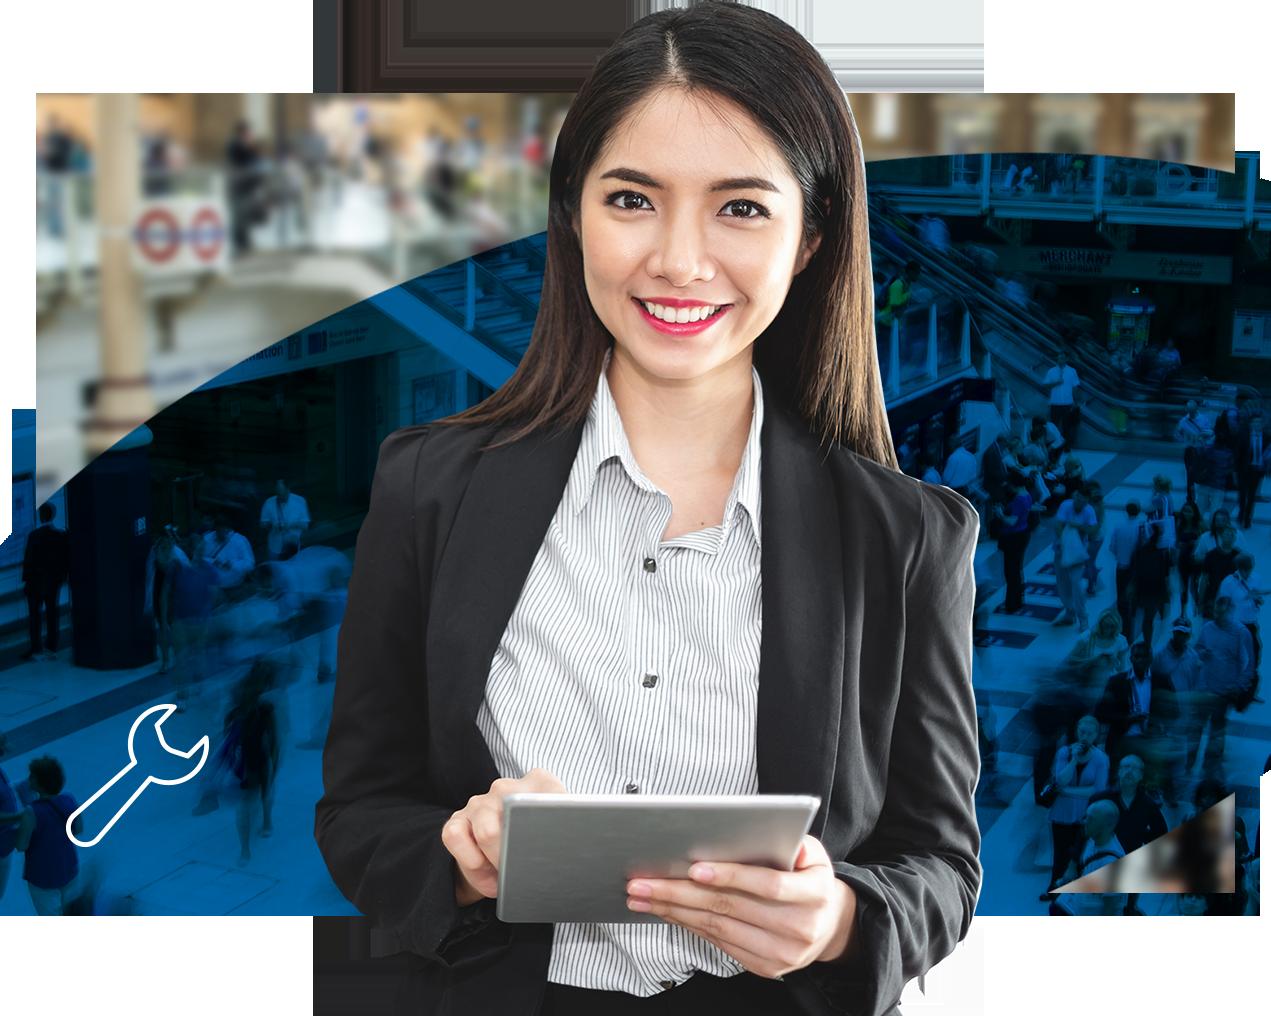 Frau mit Tablet, Blauer Hintergrund